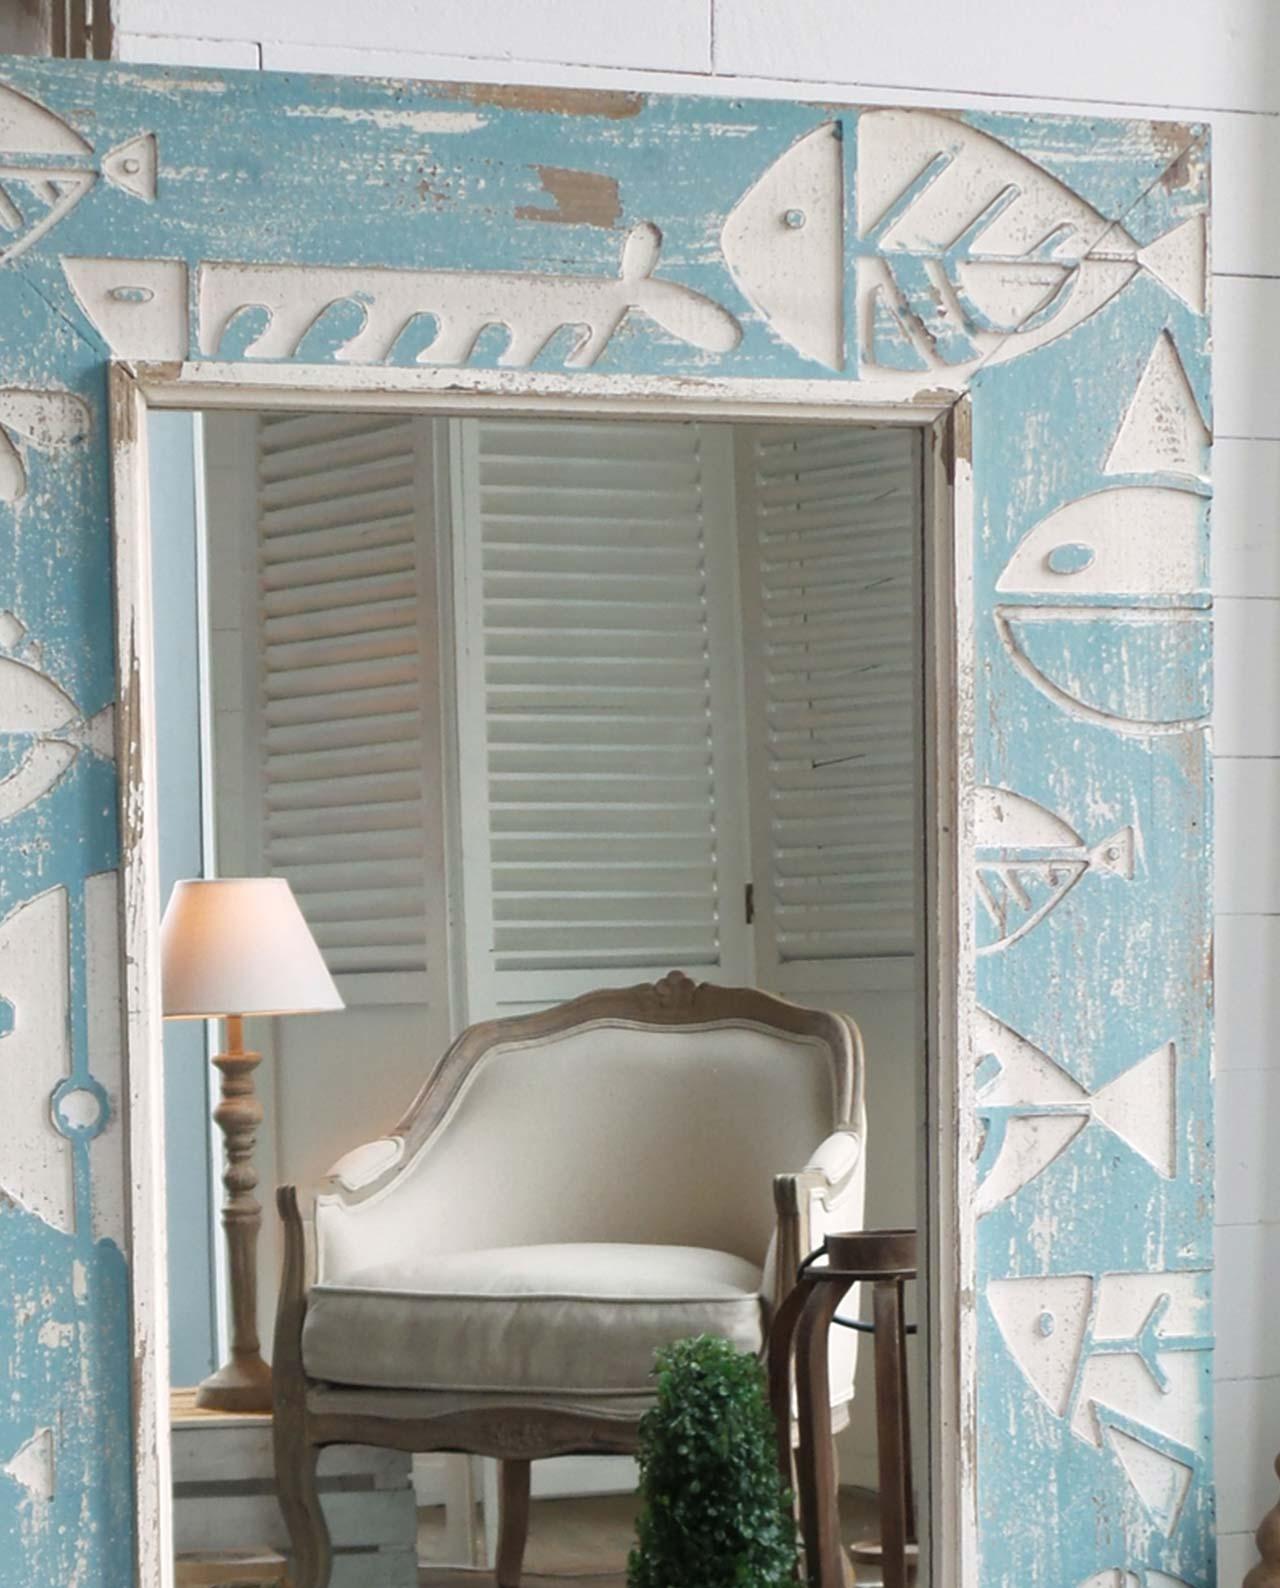 Specchio tema mare mobilia store home favours - Specchio arredo casa ...